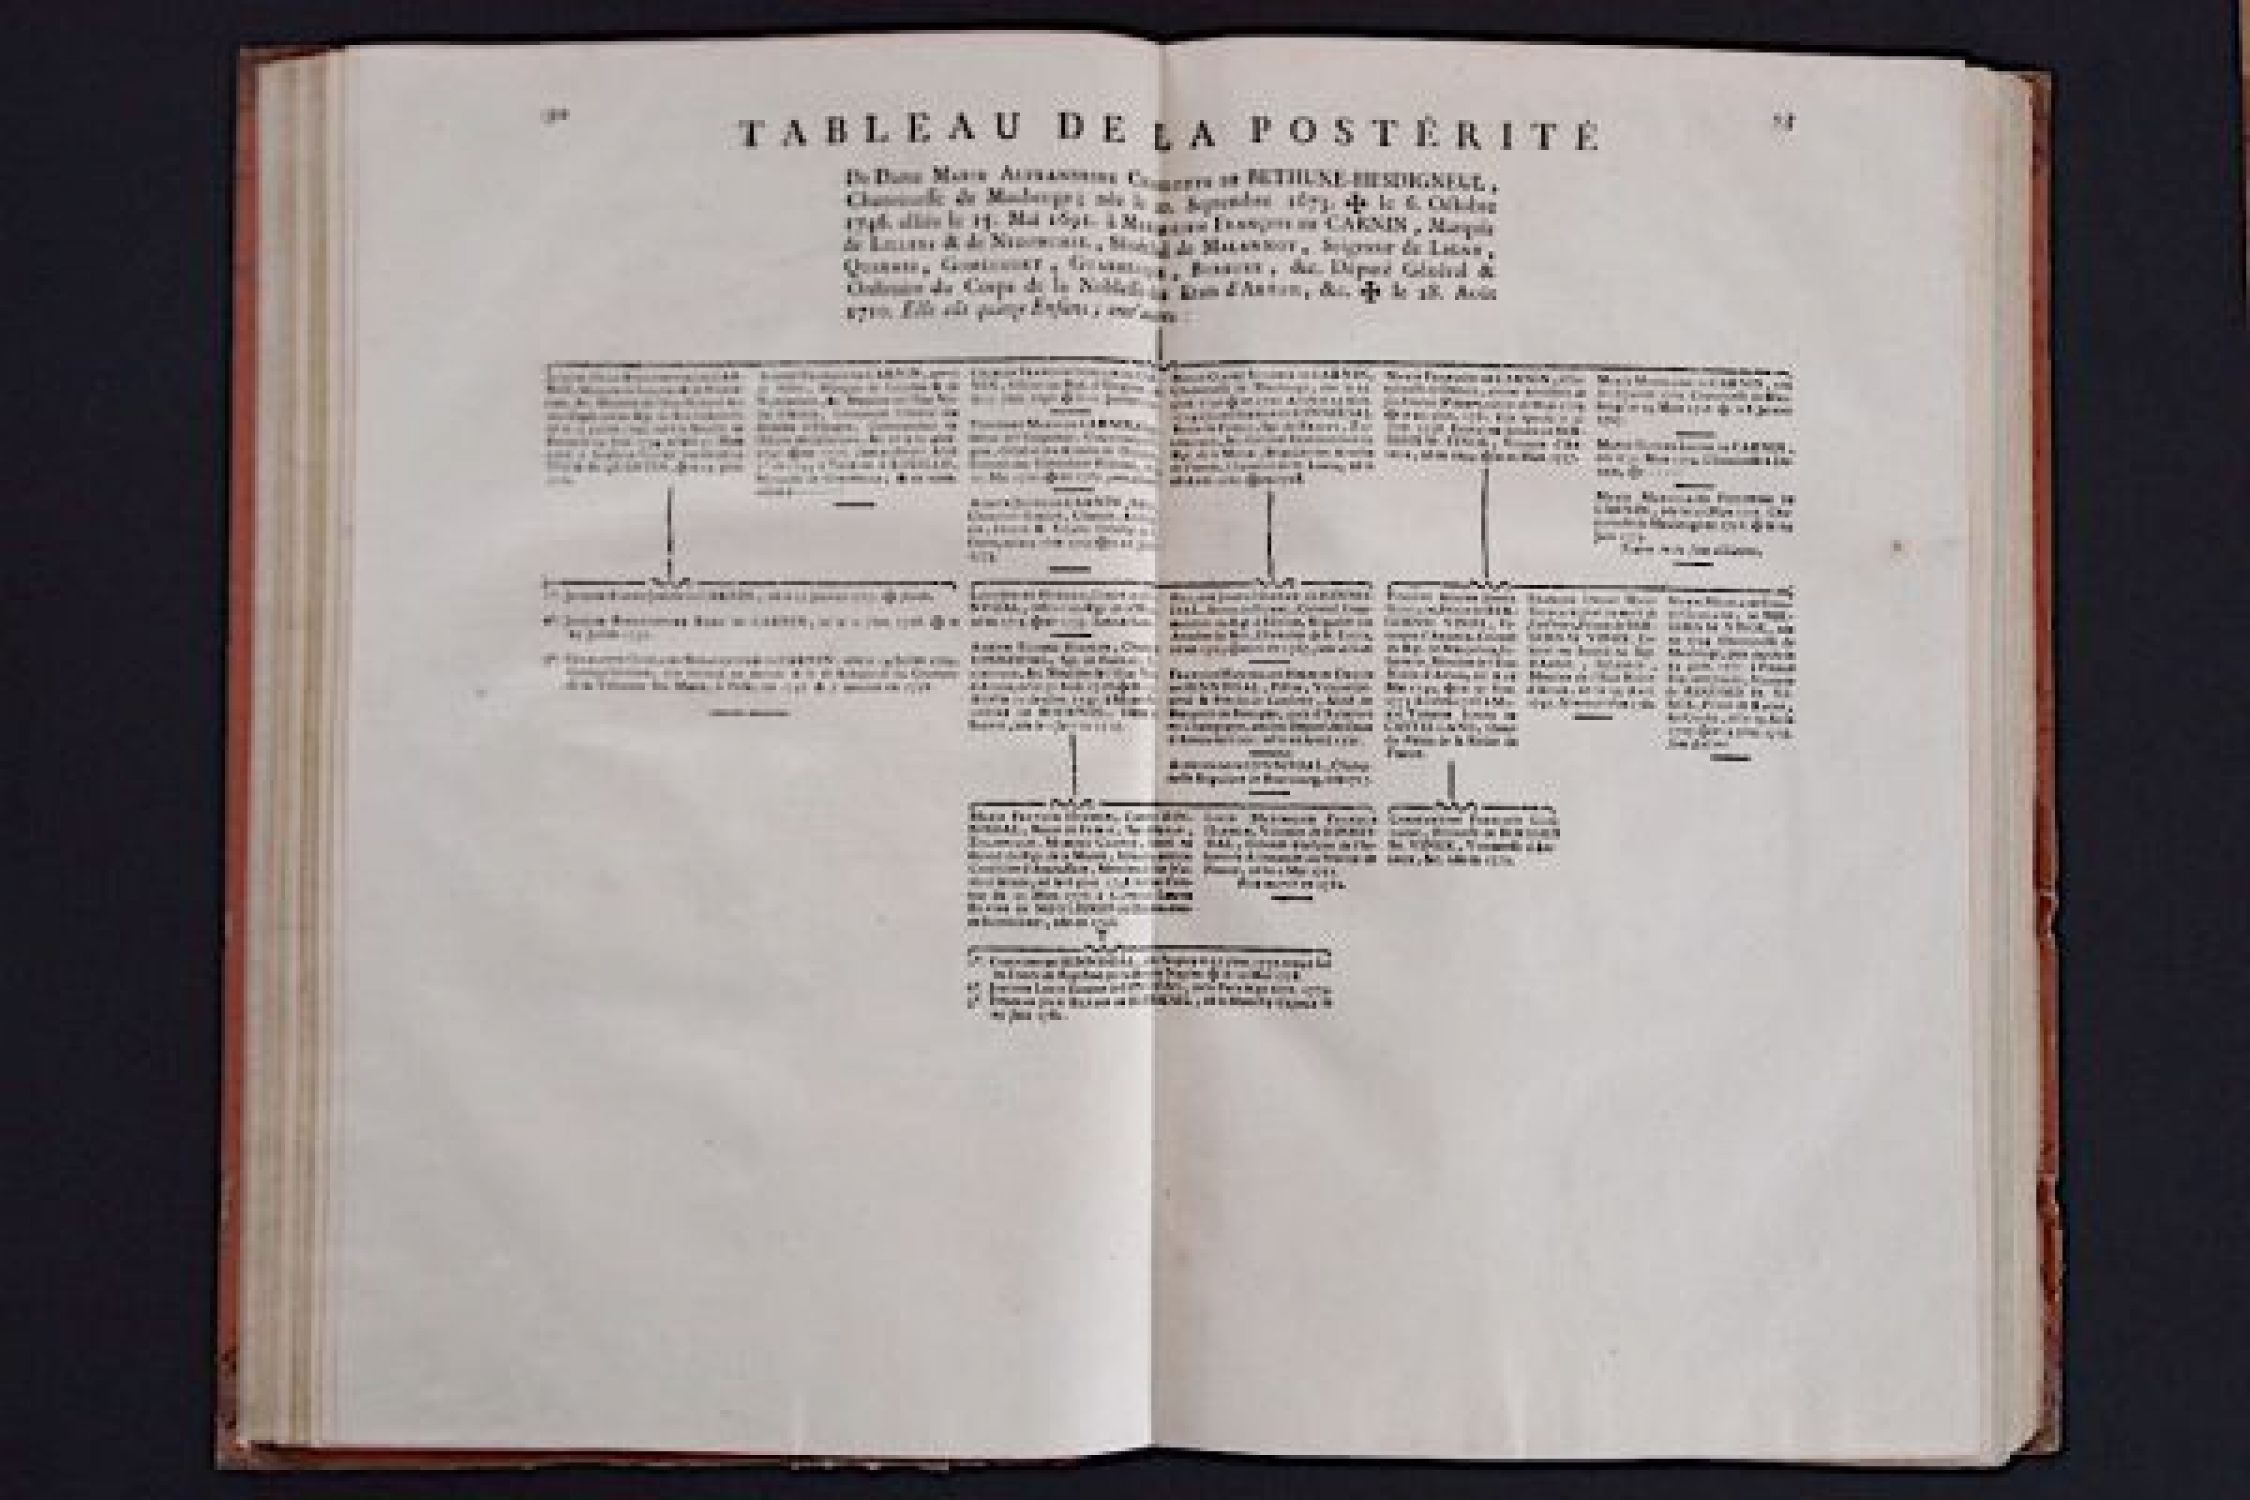 DOUAY Histoire Généalogique Des Branches De La Maison De Béthune,  Existantes En Flandre Et En Artois, Et Connues Pendant Plusieurs Siecles  Sous Le Nom De ...